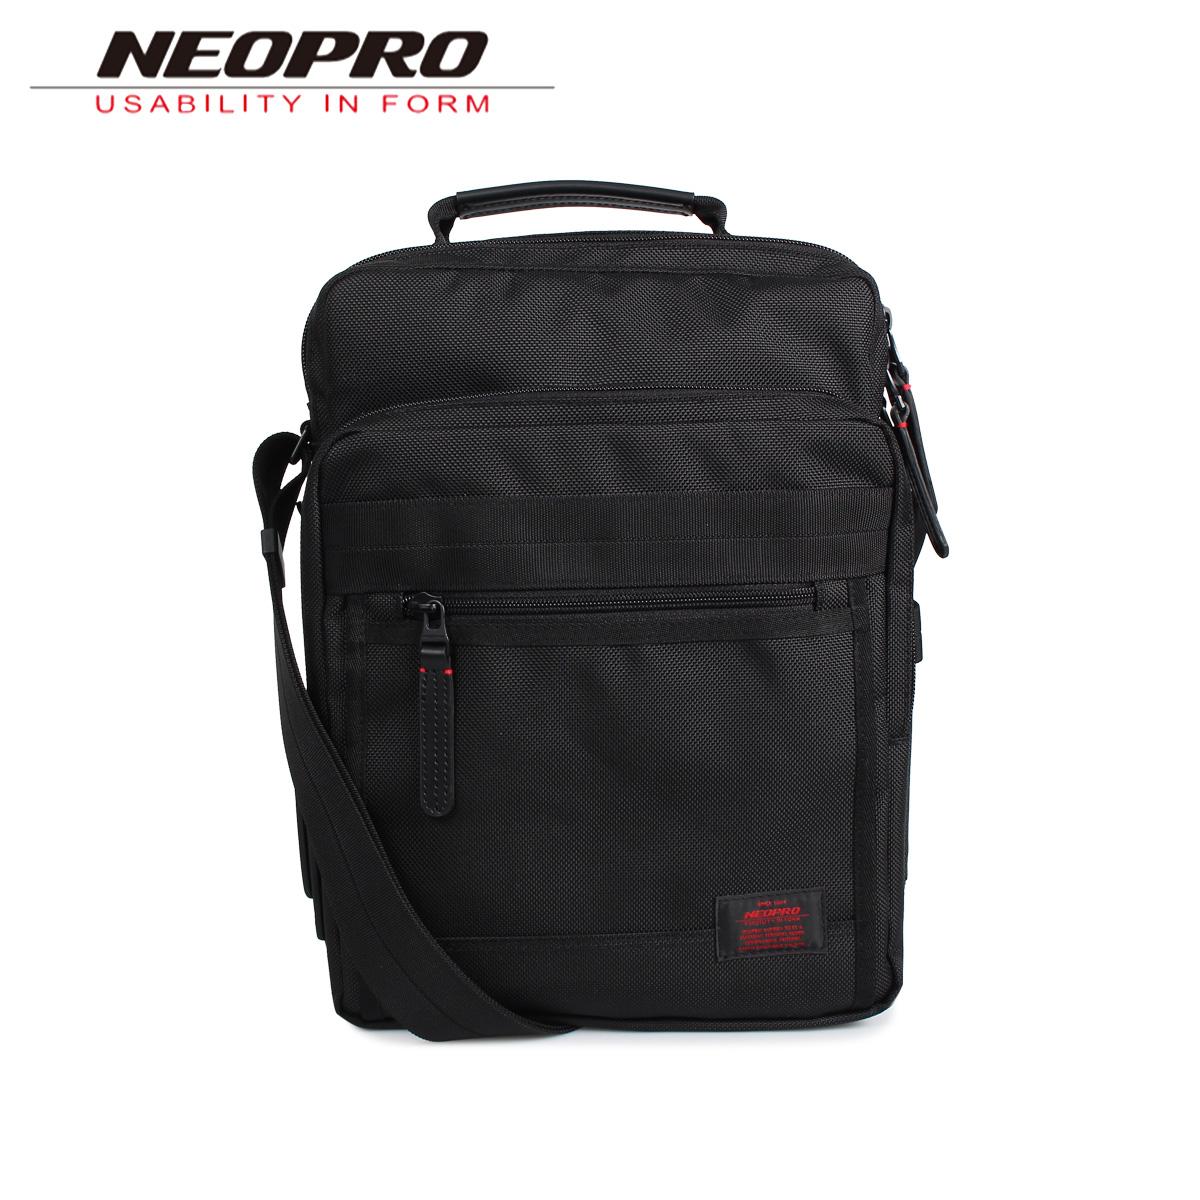 NEOPRO ネオプロ ショルダーバッグ メンズ RED ブラック 黒 2-024